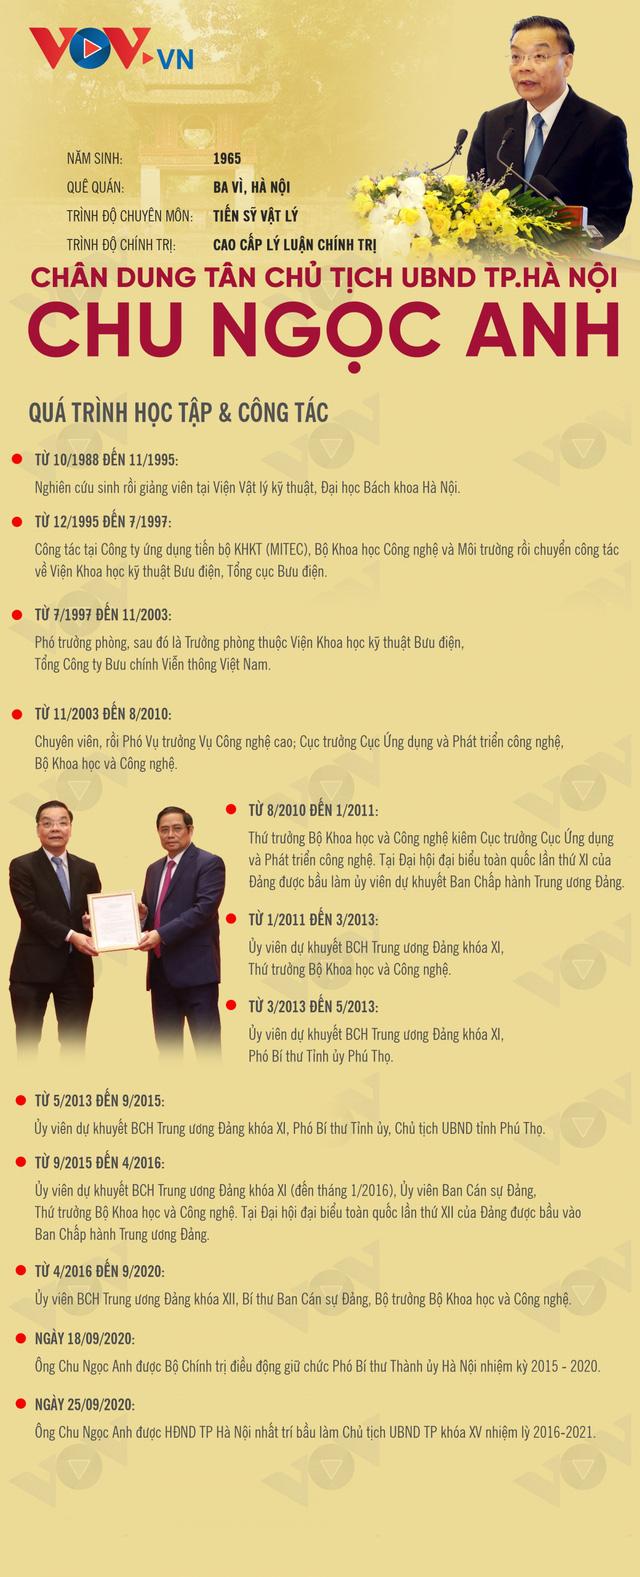 Chân dung tân Chủ tịch UBND thành phố Hà Nội Chu Ngọc Anh  - Ảnh 1.